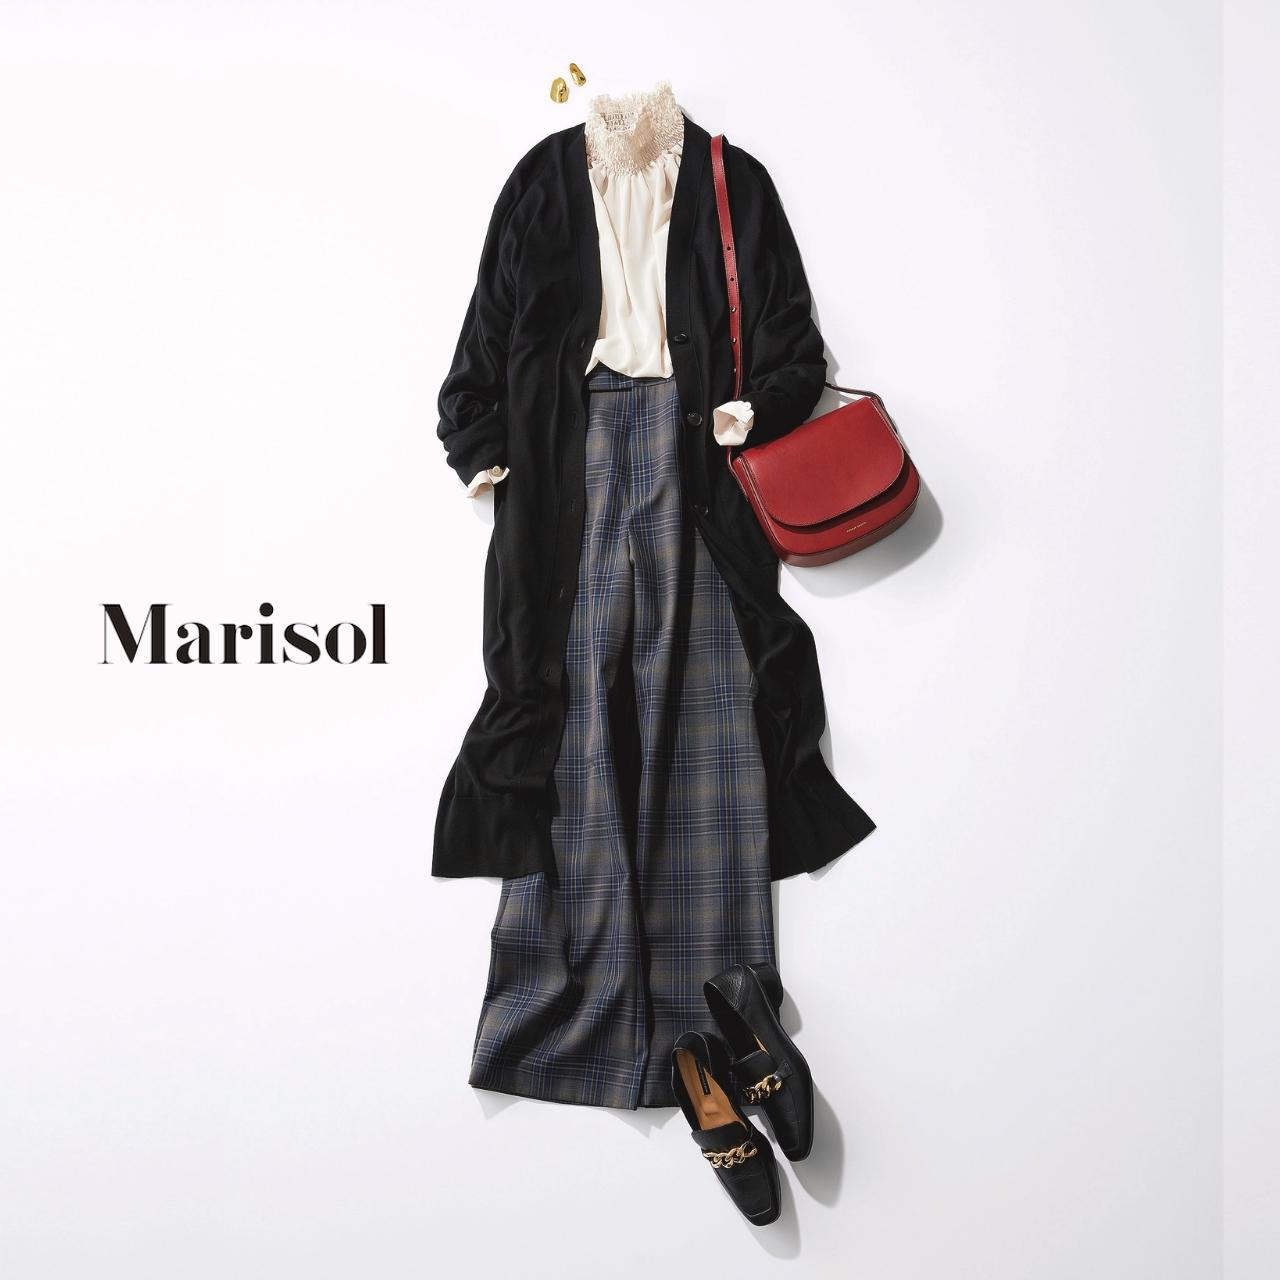 40代ファッション 白ブラウス×黒ロングカーディガン×チェックパンツコーデ